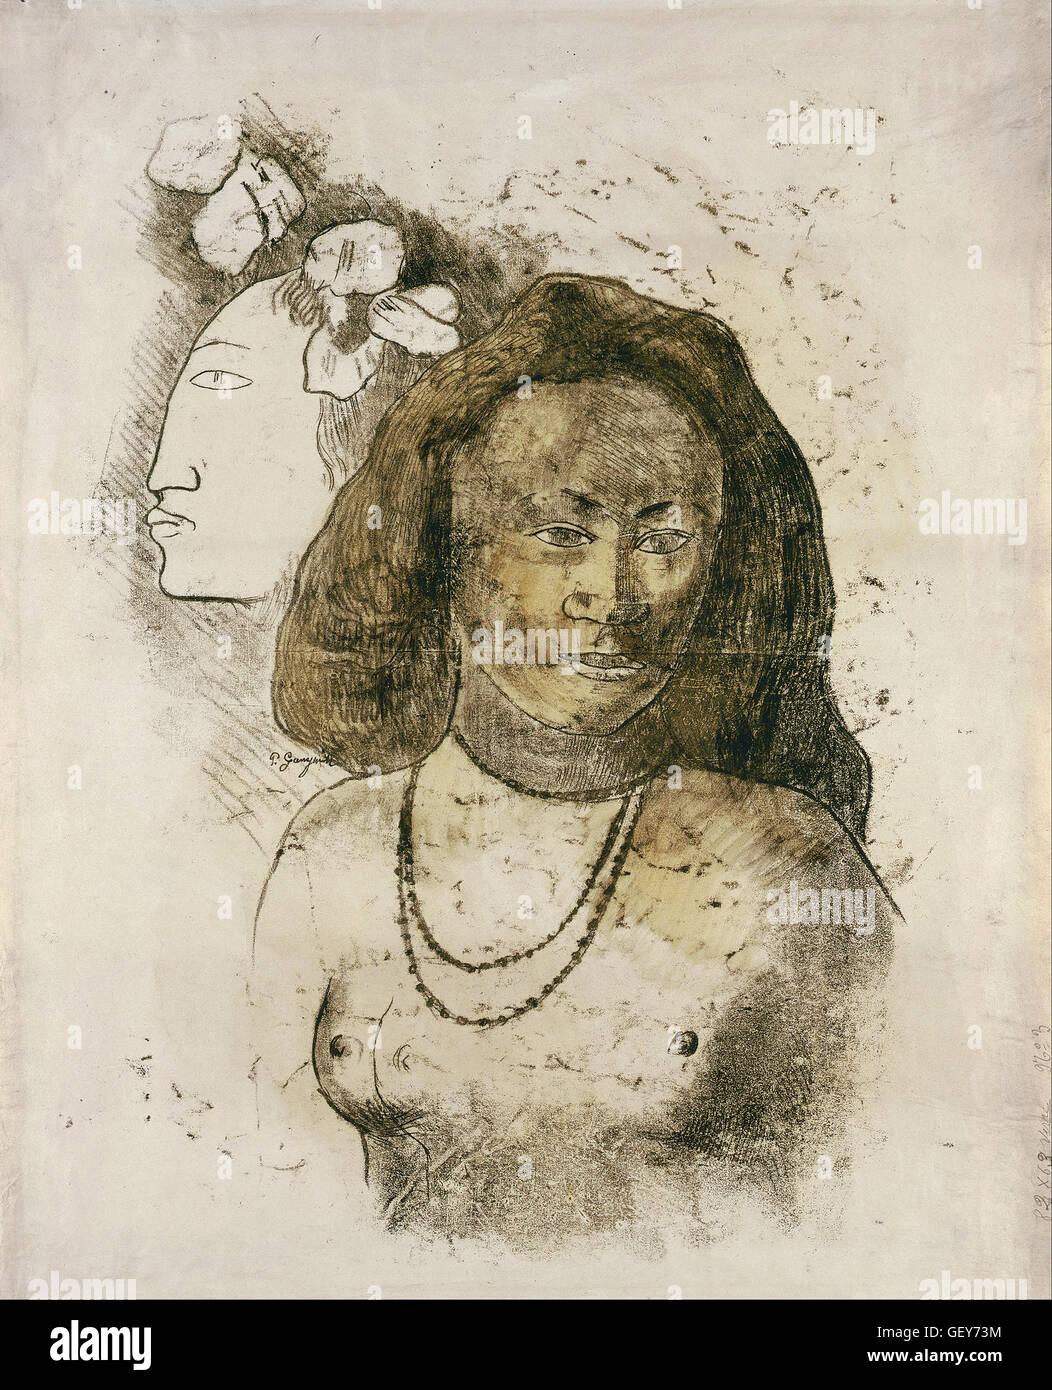 Paul Gauguin - donne tahitiane con spirito maligno Immagini Stock